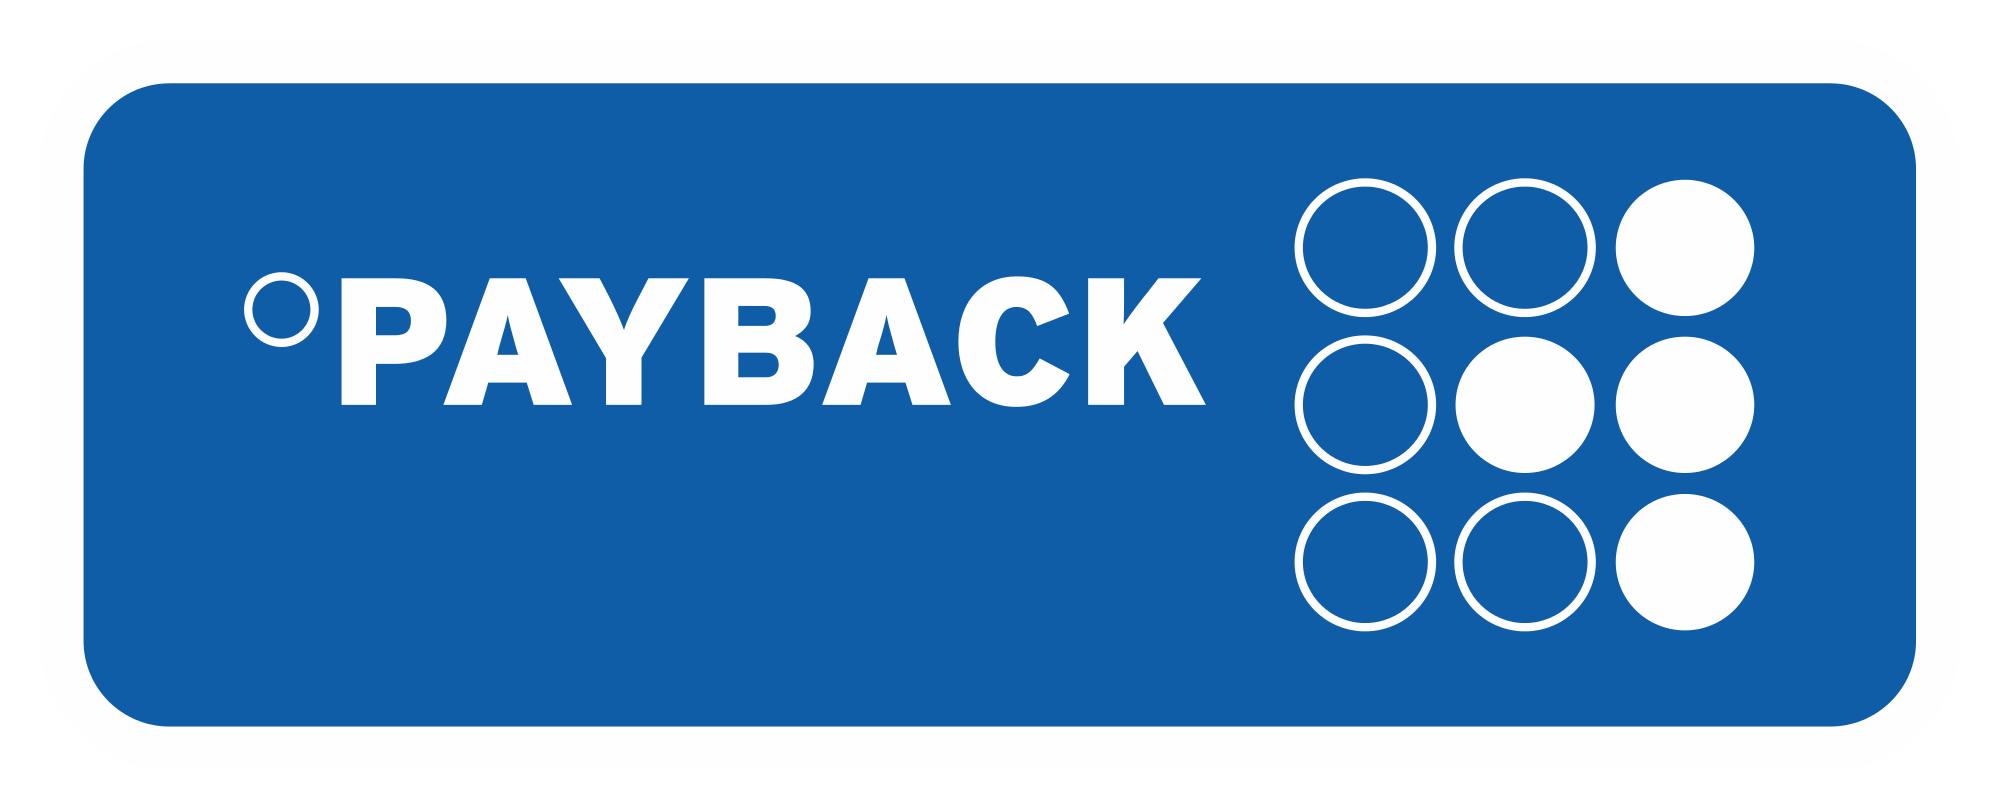 99 fach Payback Punkte // Rewe / Head & Shoulders & Dove Dusche Produkte (fast 50% Rabatt)